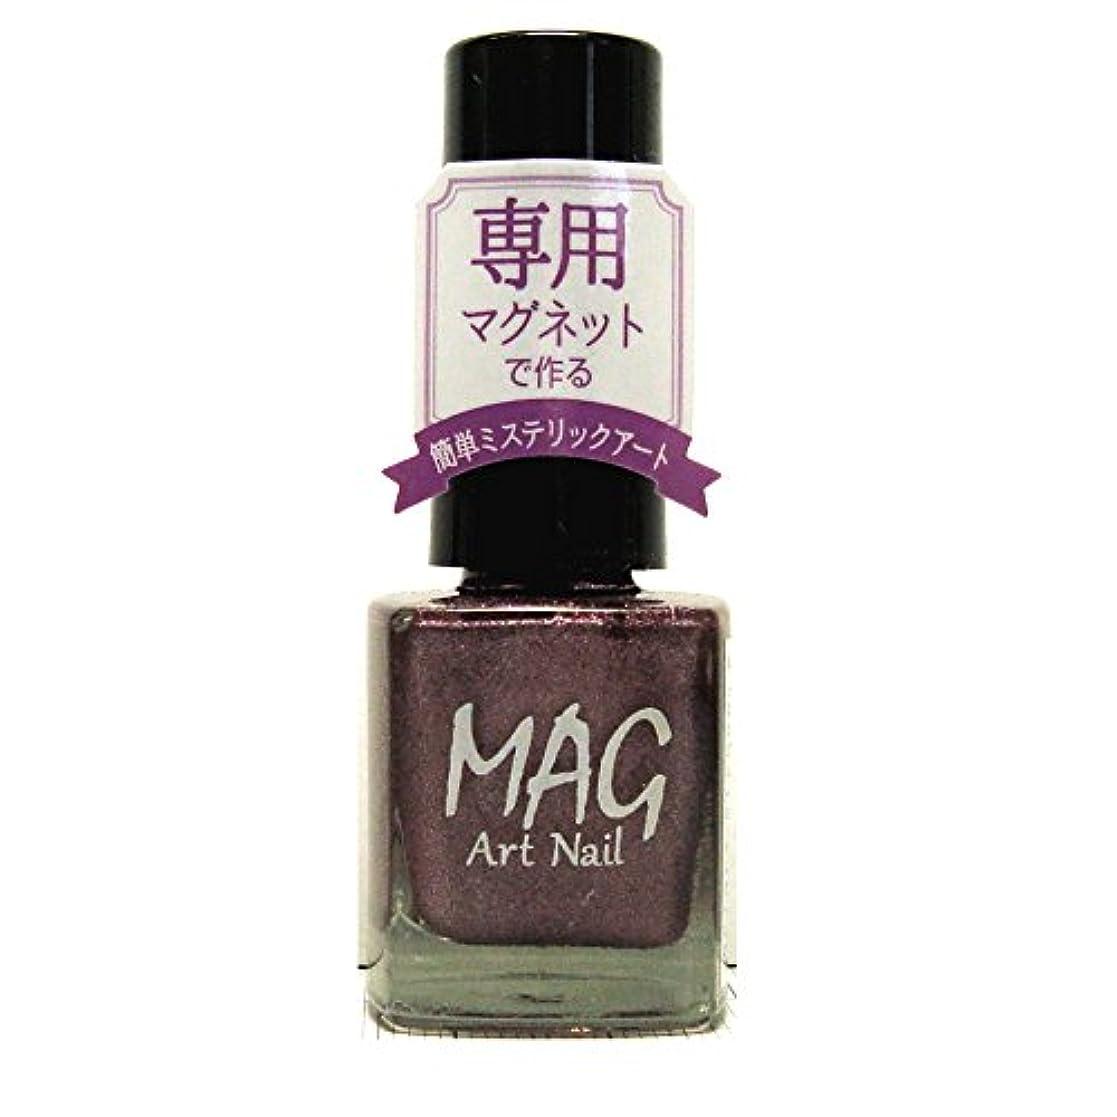 回答混沌伝導TMマグアートネイル(爪化粧料) TMMA1606 グレースフルグレー